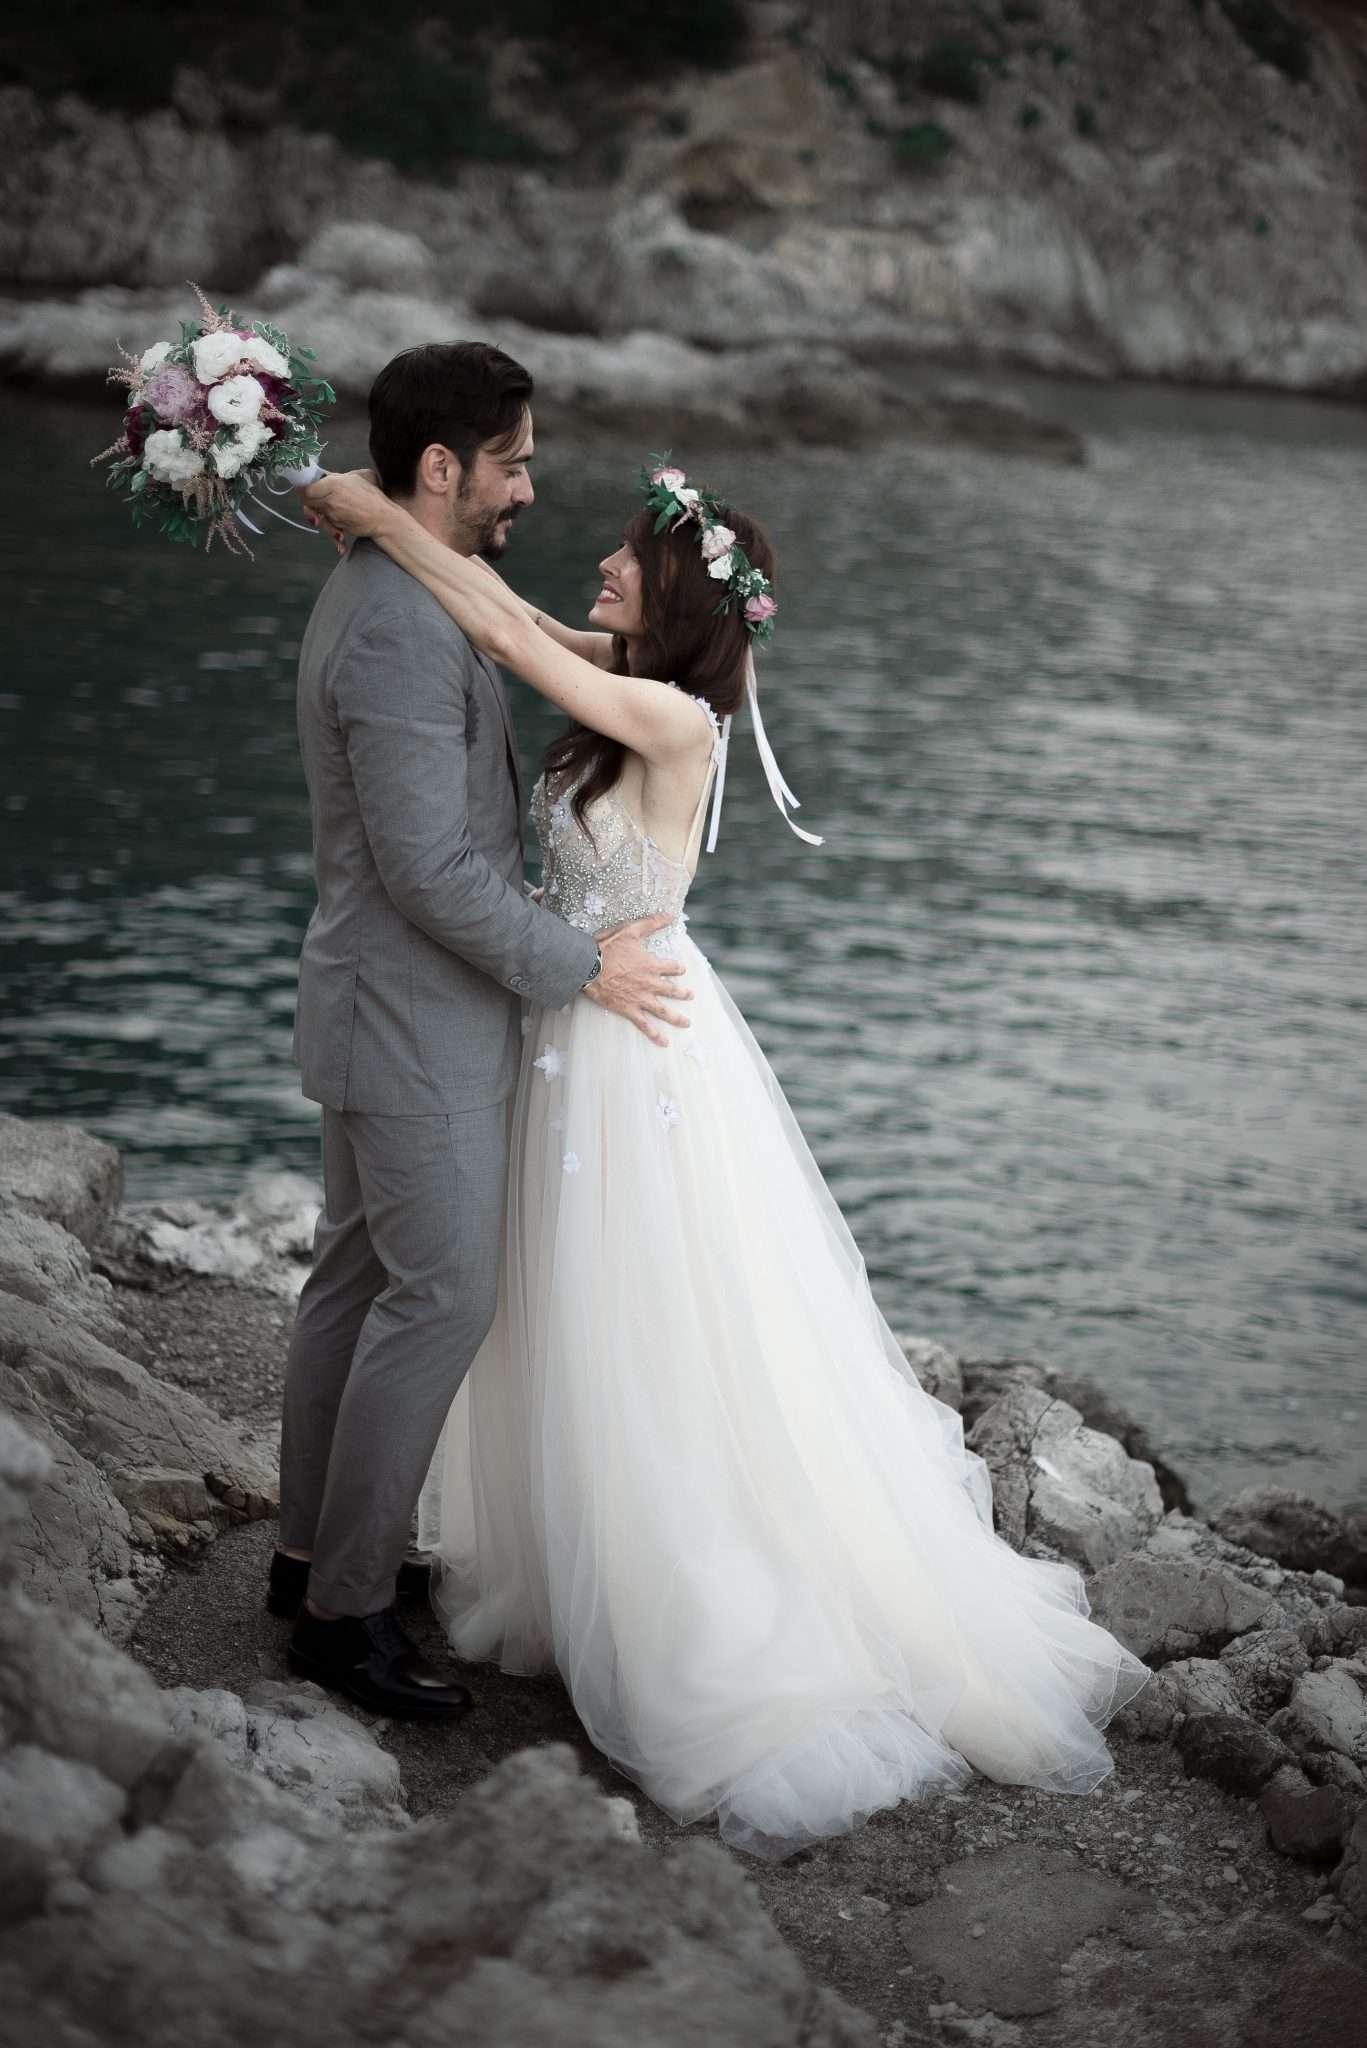 Fotografia wedding reportage Positano realizzata da Barbara Trincone fotografa con studio a Pozzuoli - Napoli